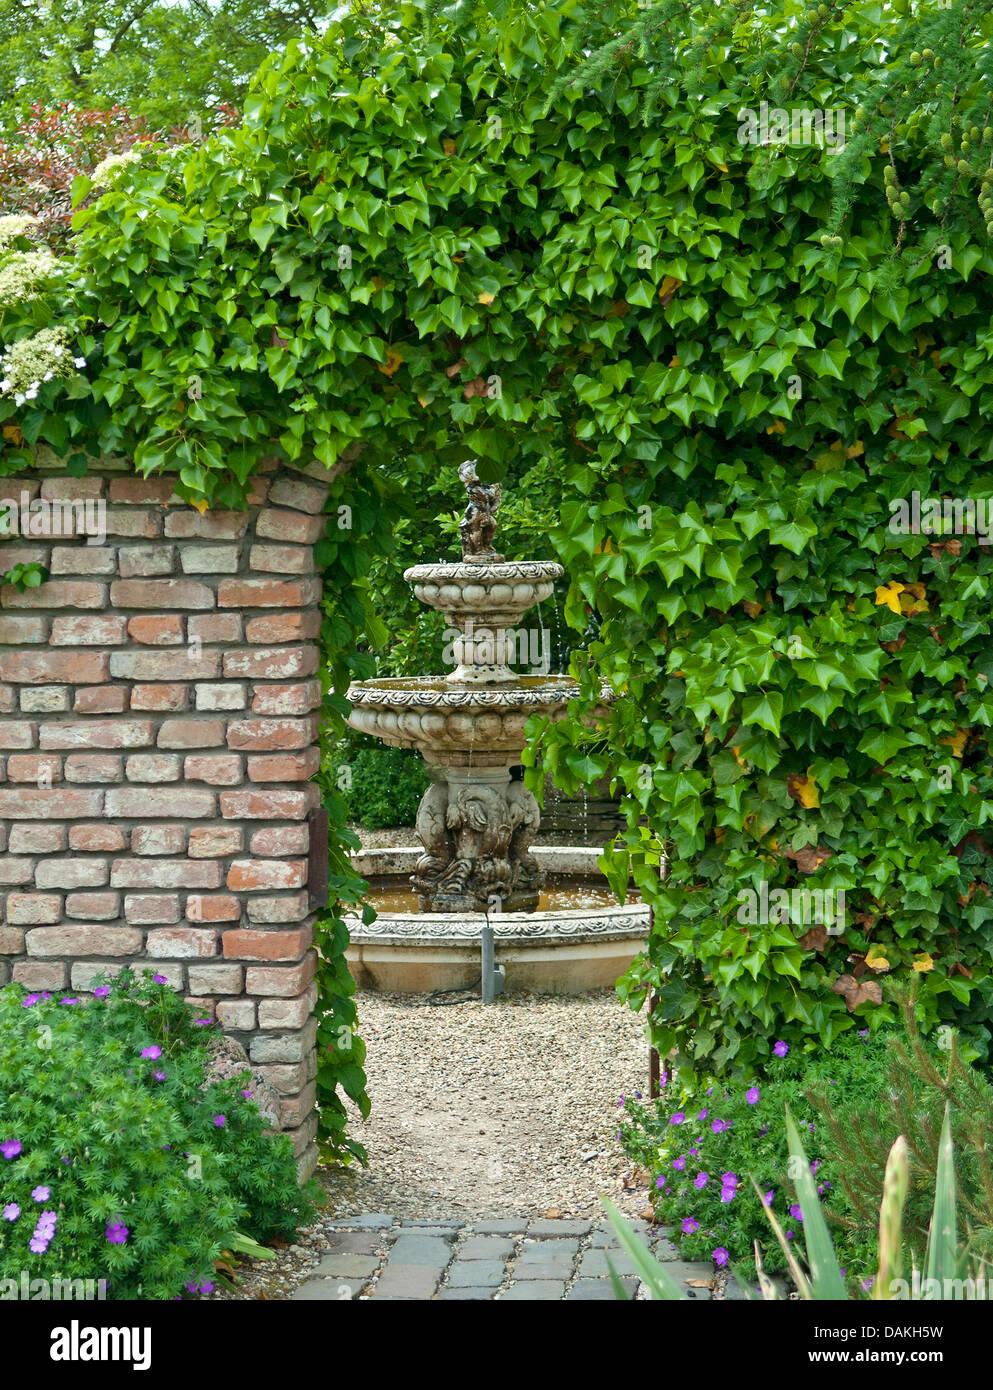 Le lierre, lierre (Hedera helix), couverte de lierre garten gate, Pays-Bas Banque D'Images